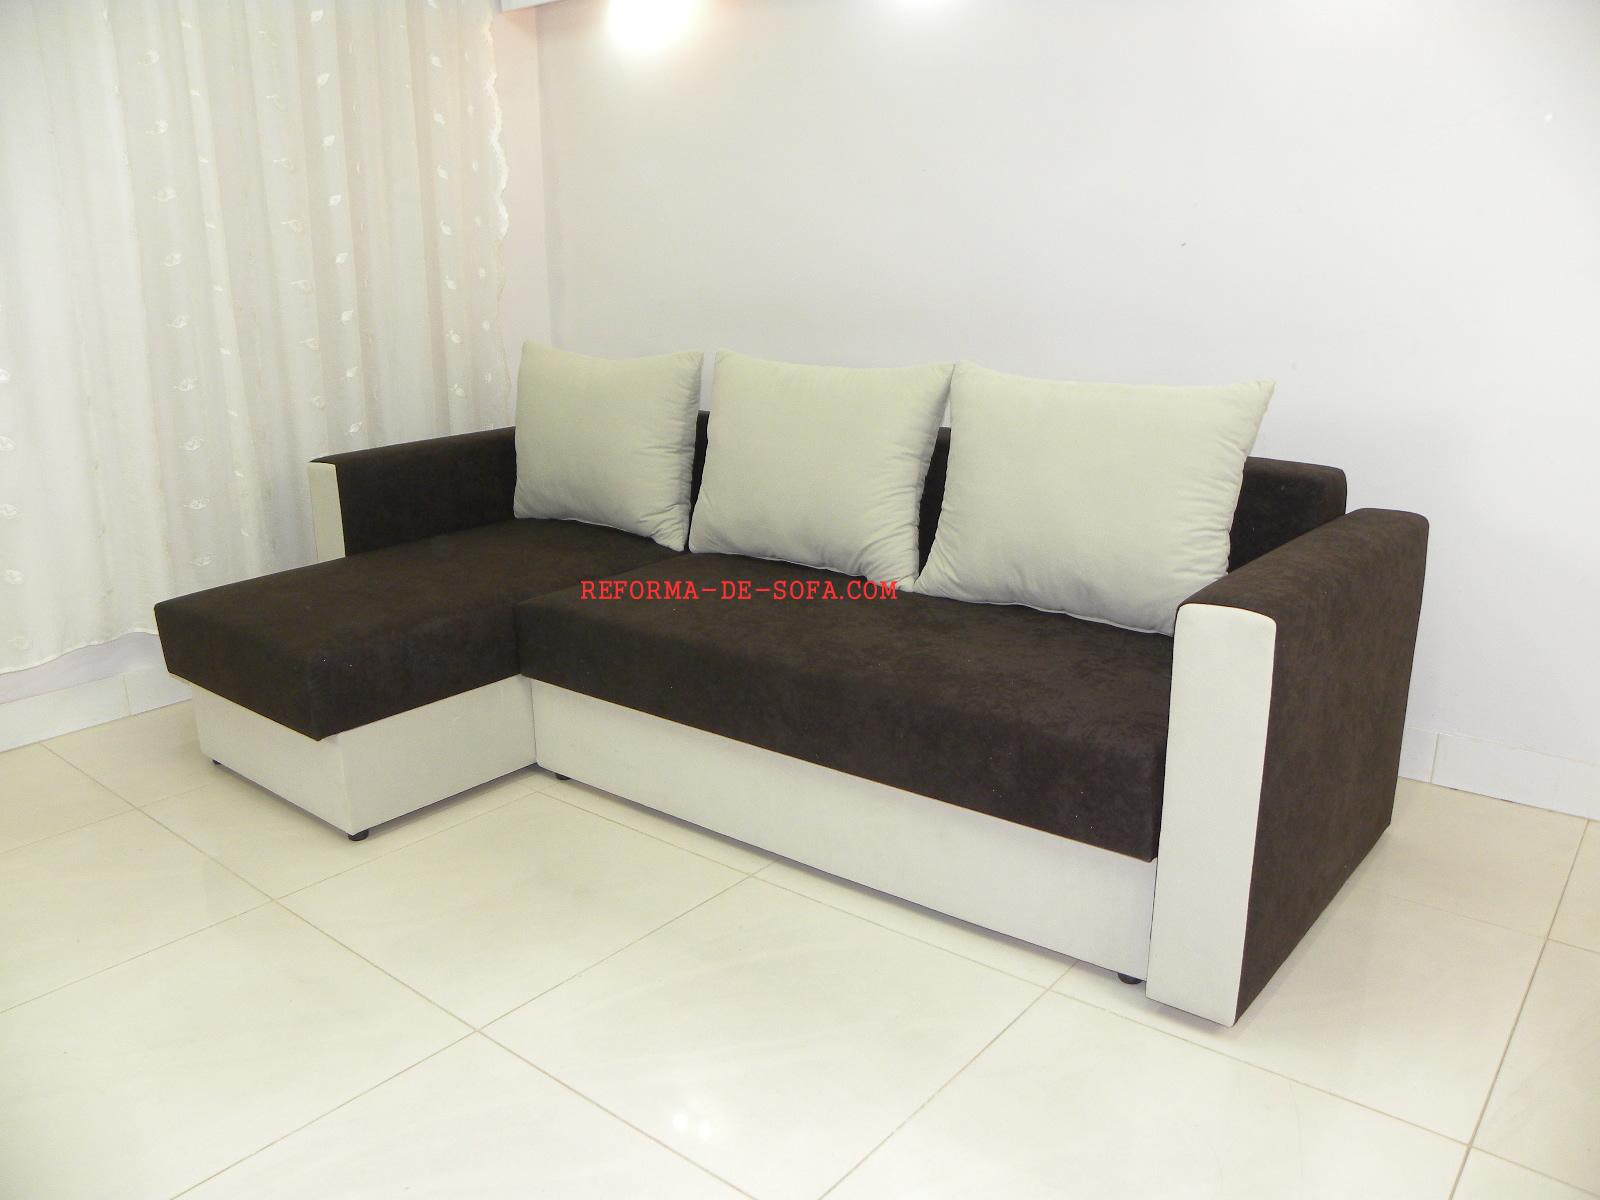 mudar o modelo do sof sof com novo visual diminuir o